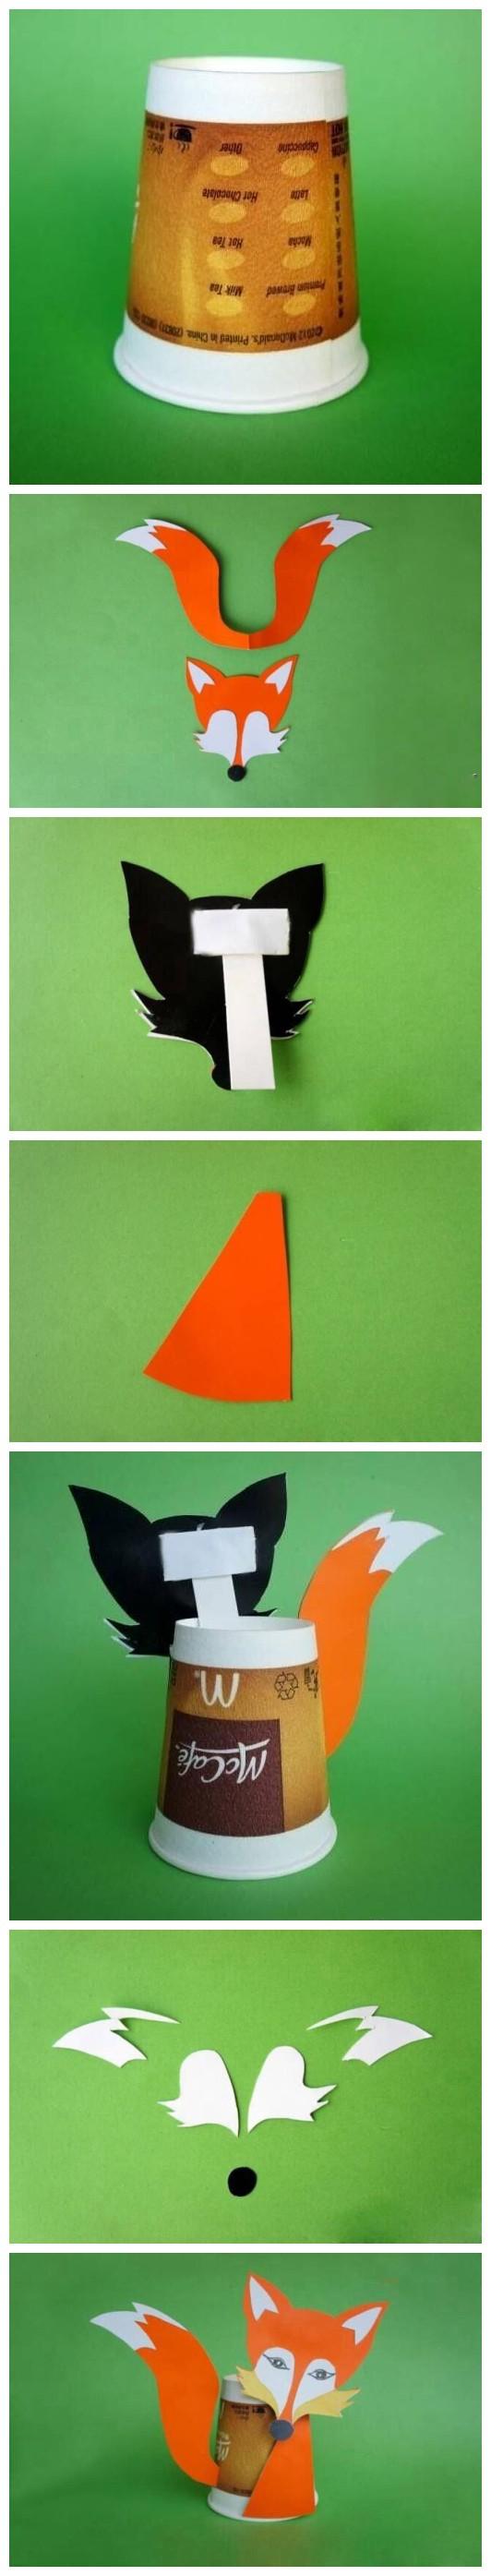 如何diy简单纸杯手工小制作方法图解